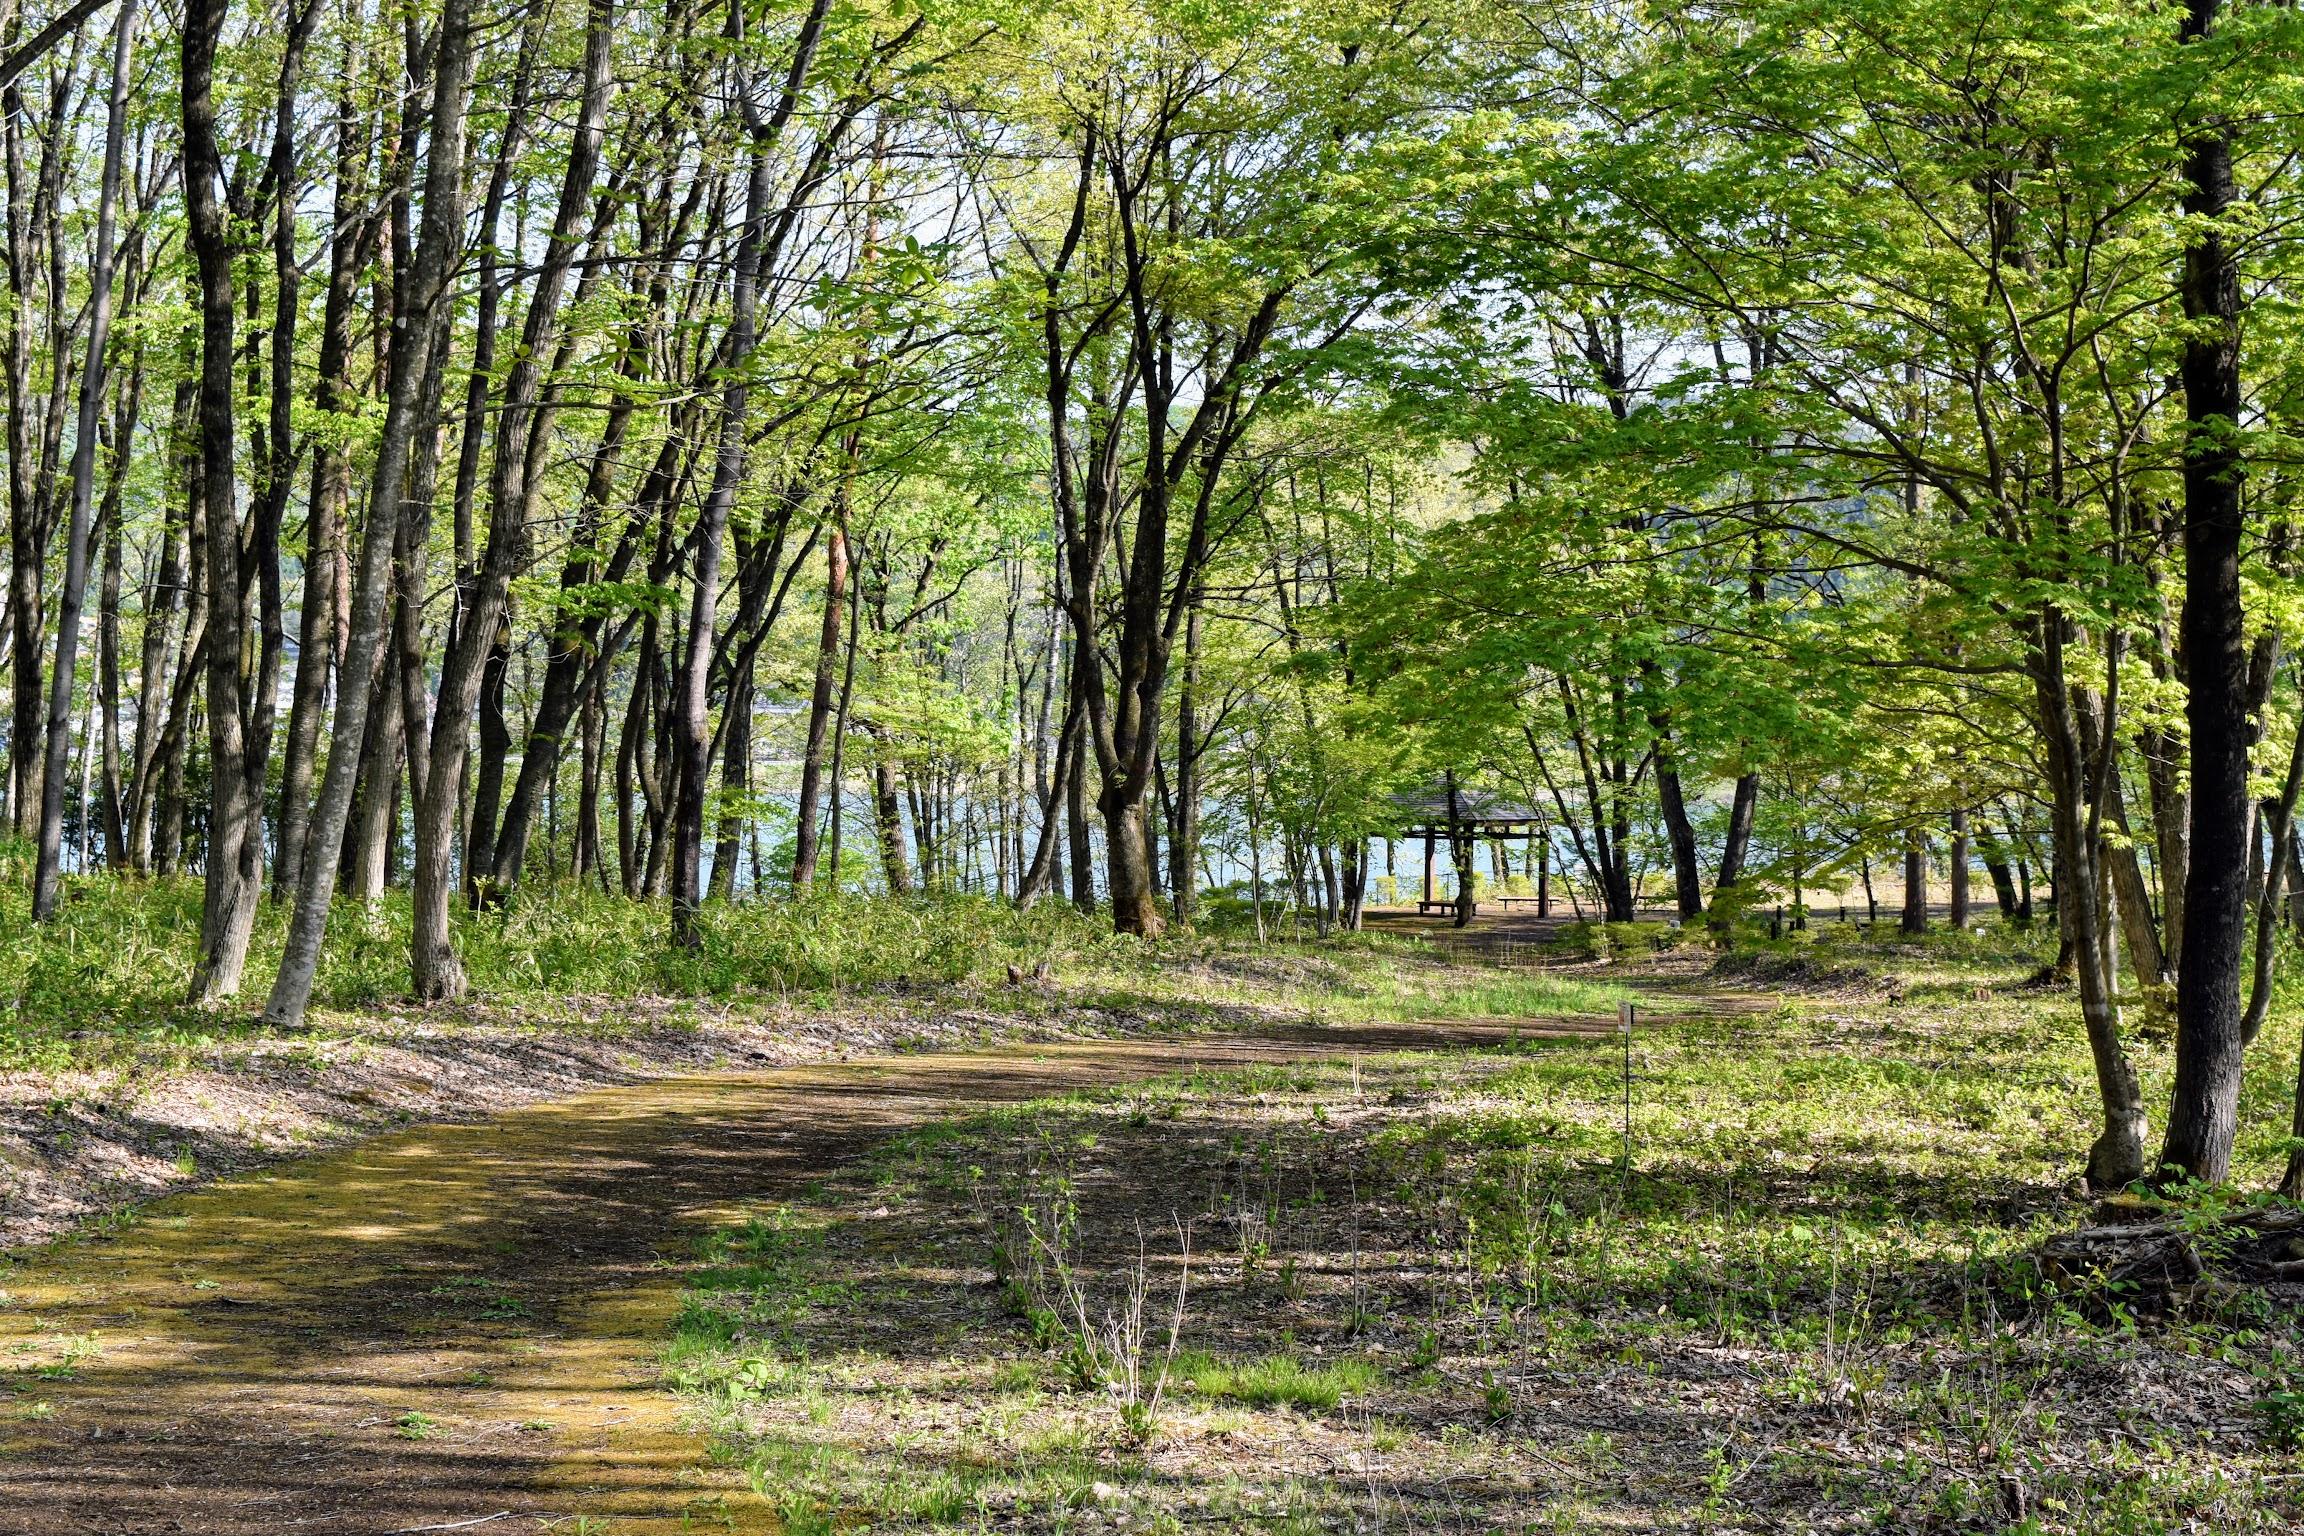 御所湖広域公園・繋大橋北園地「木漏れ日の散歩道」